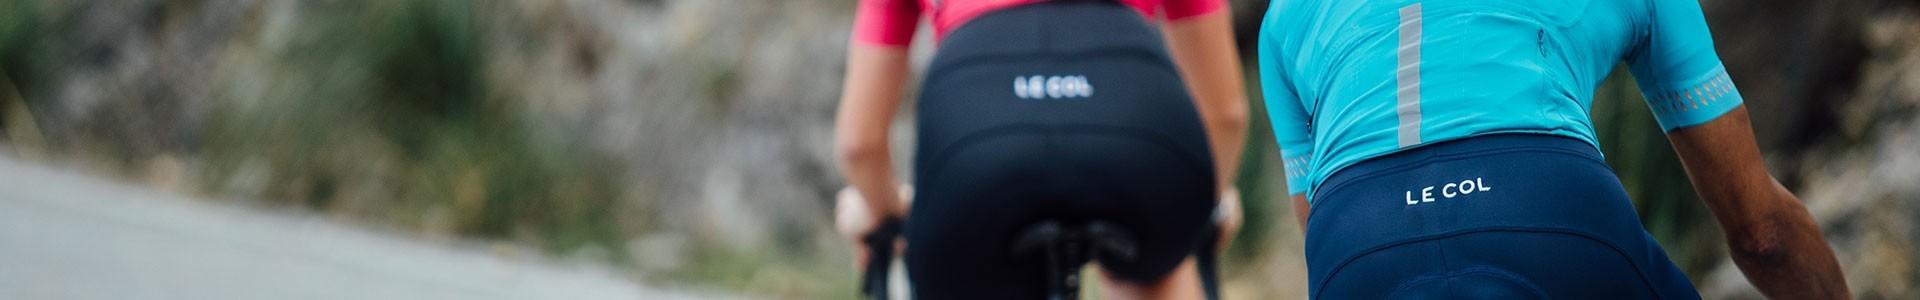 Fahrradbekleidung - exklusive Marken - Top Qualität - günstige Preise